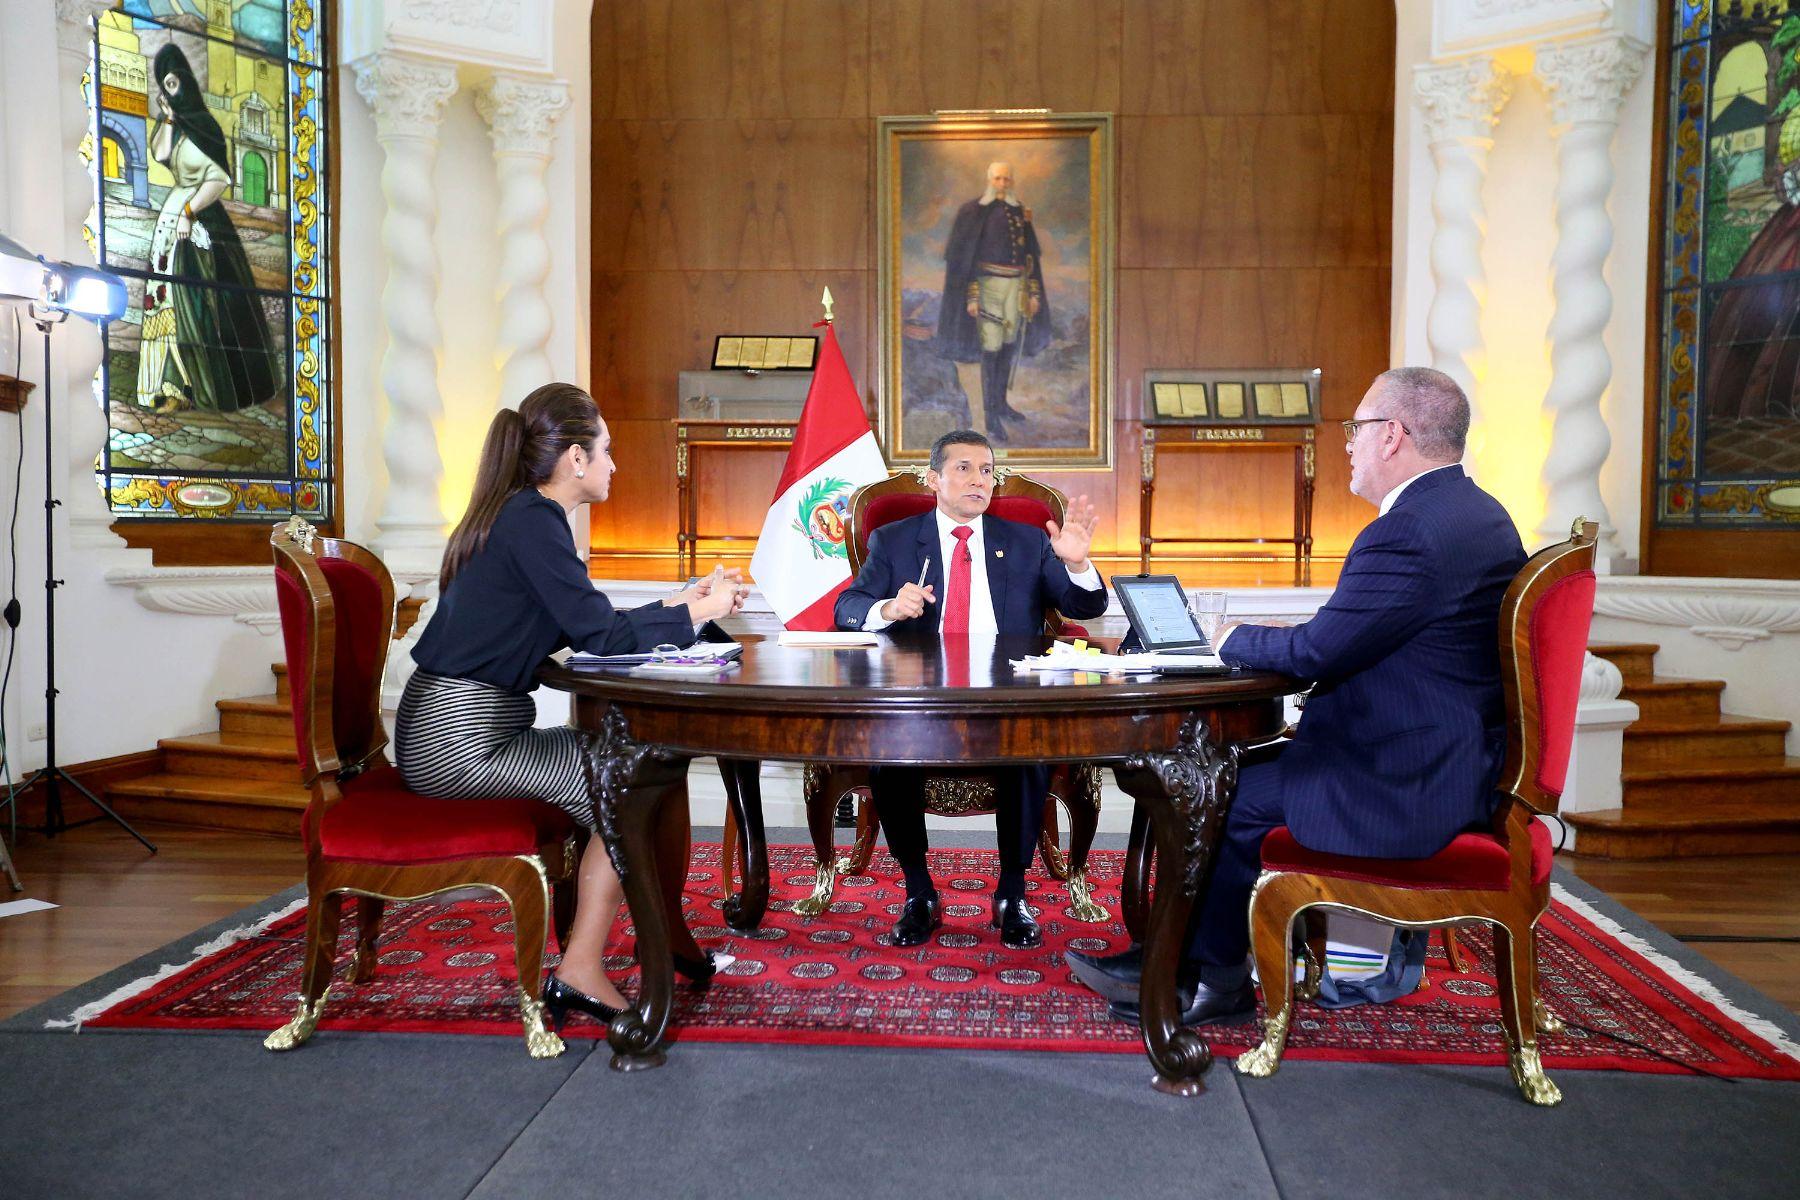 Entrevista concedida por el presidente Ollanta Humala a los periodistas Rossana Cueva y Augusto Álvarez Rodrich.